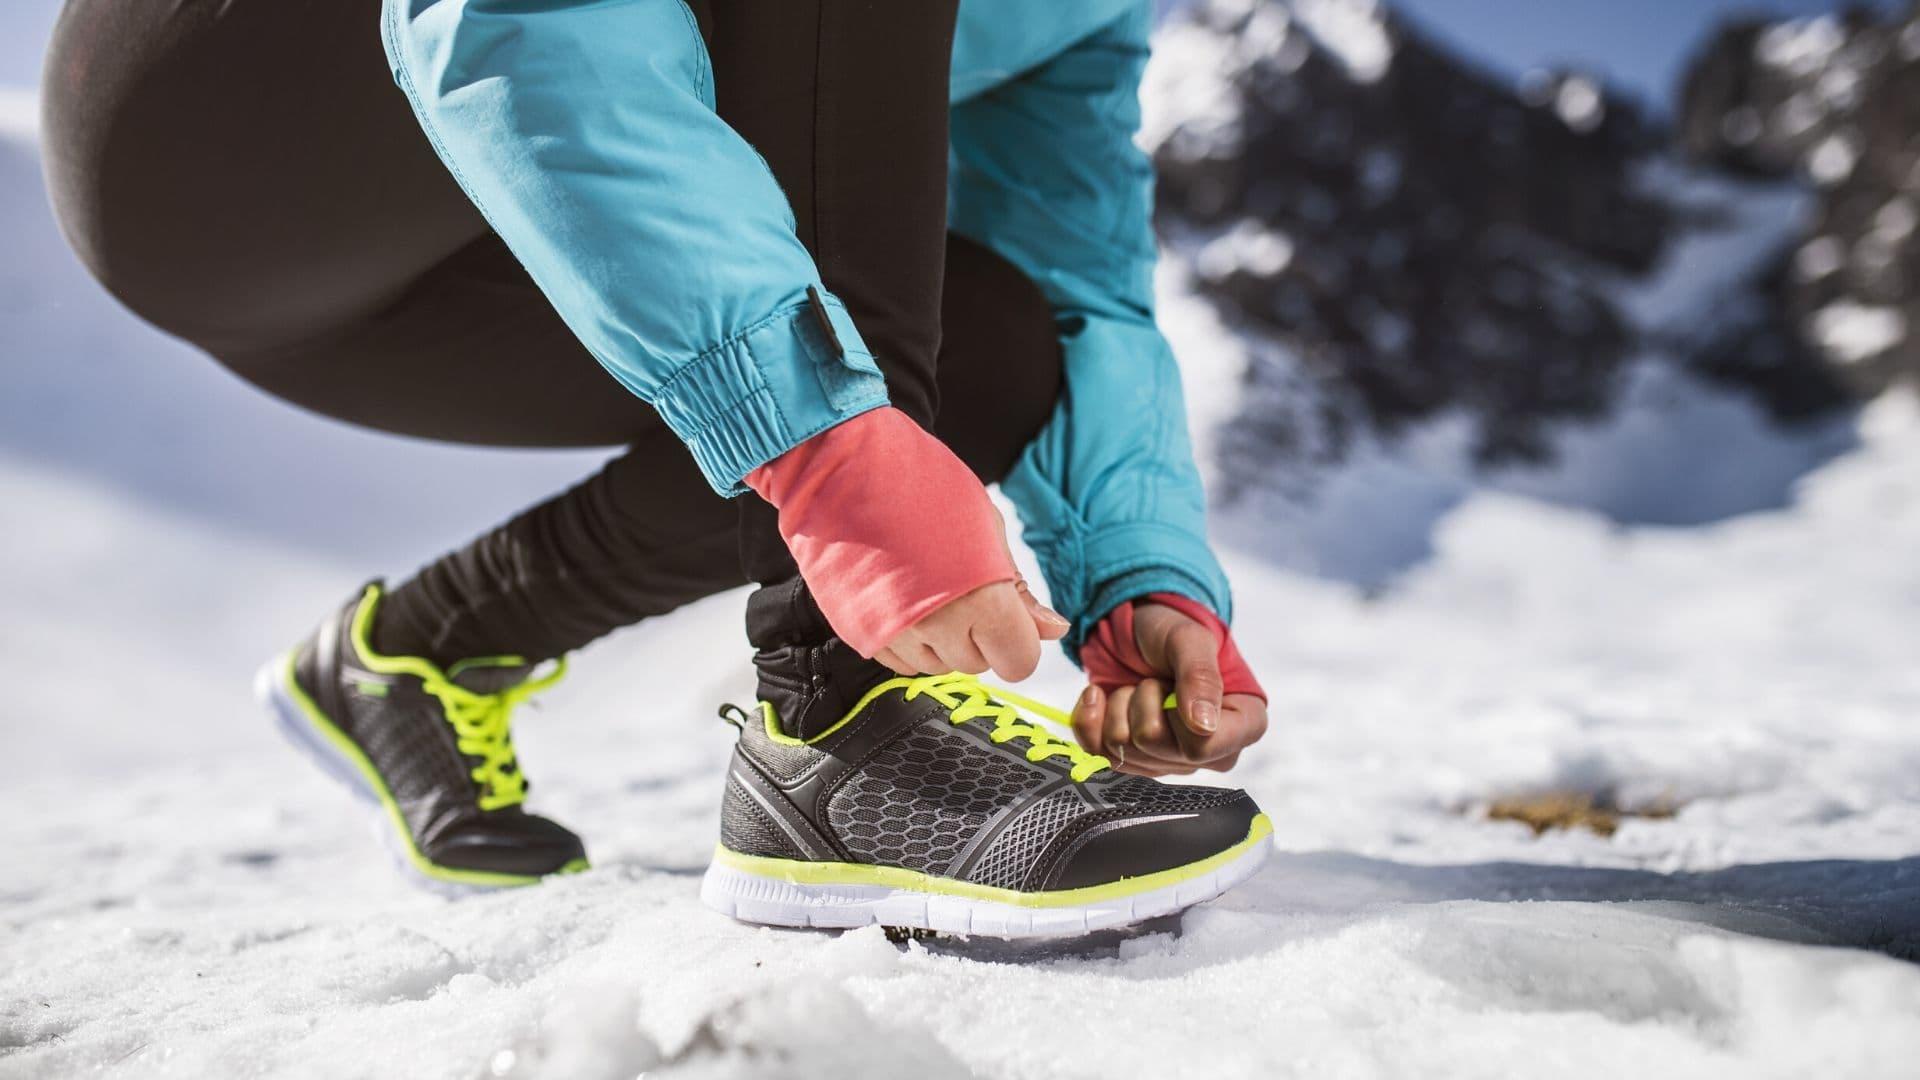 женская зимняя одежда для бега